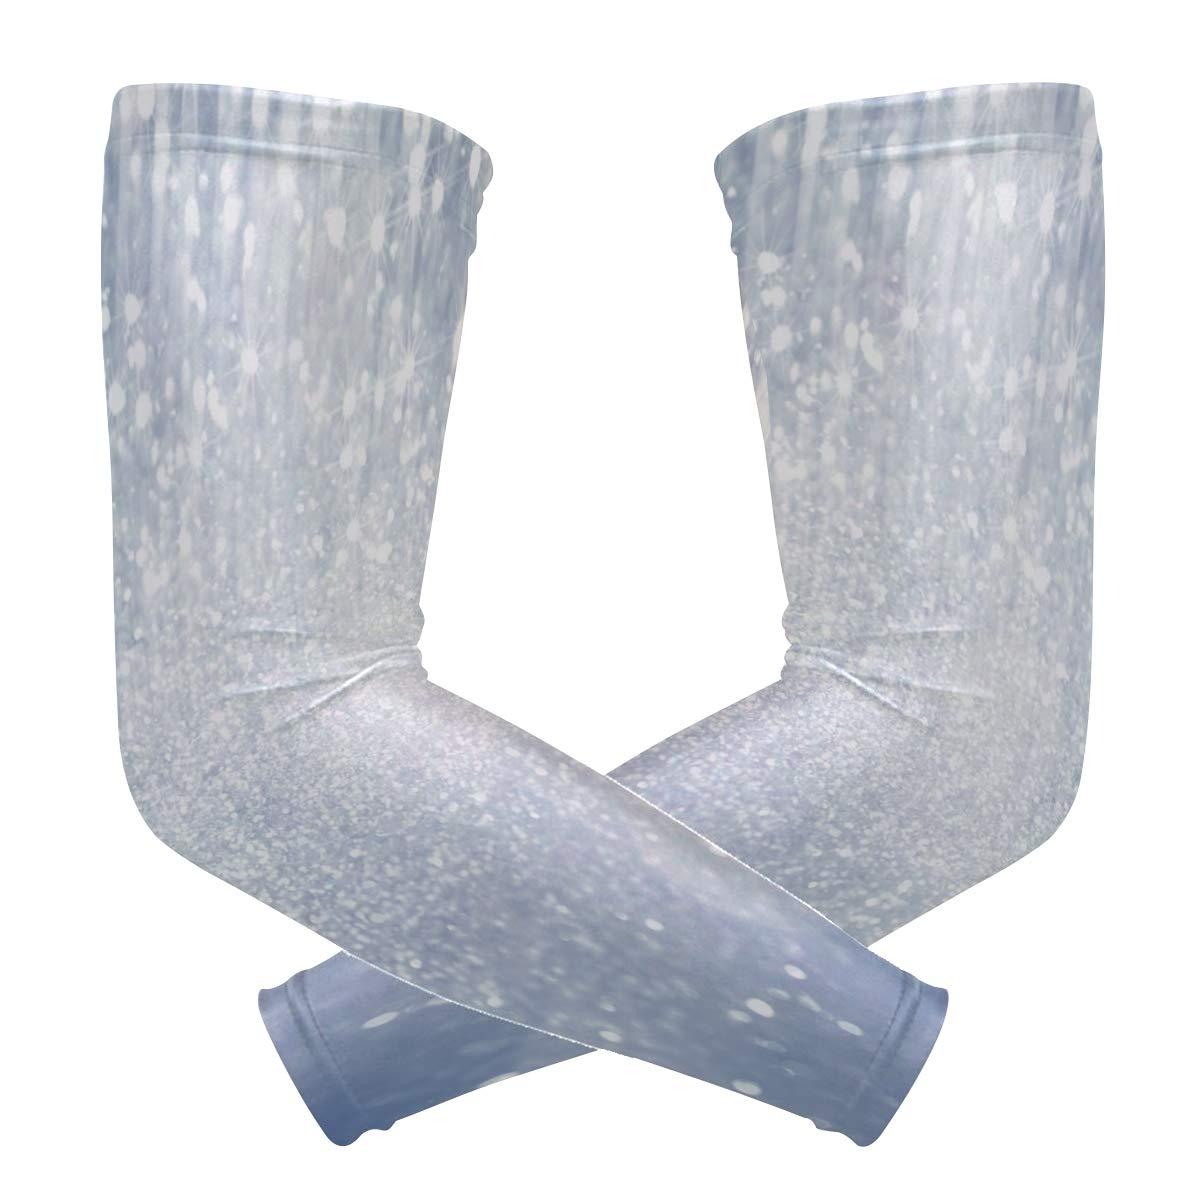 アームスリーブ ダイヤモンドカット 最高の輝き メンズ 太陽 紫外線保護スリーブ アームウォーマー クールロングセット カバー   B07K999D57